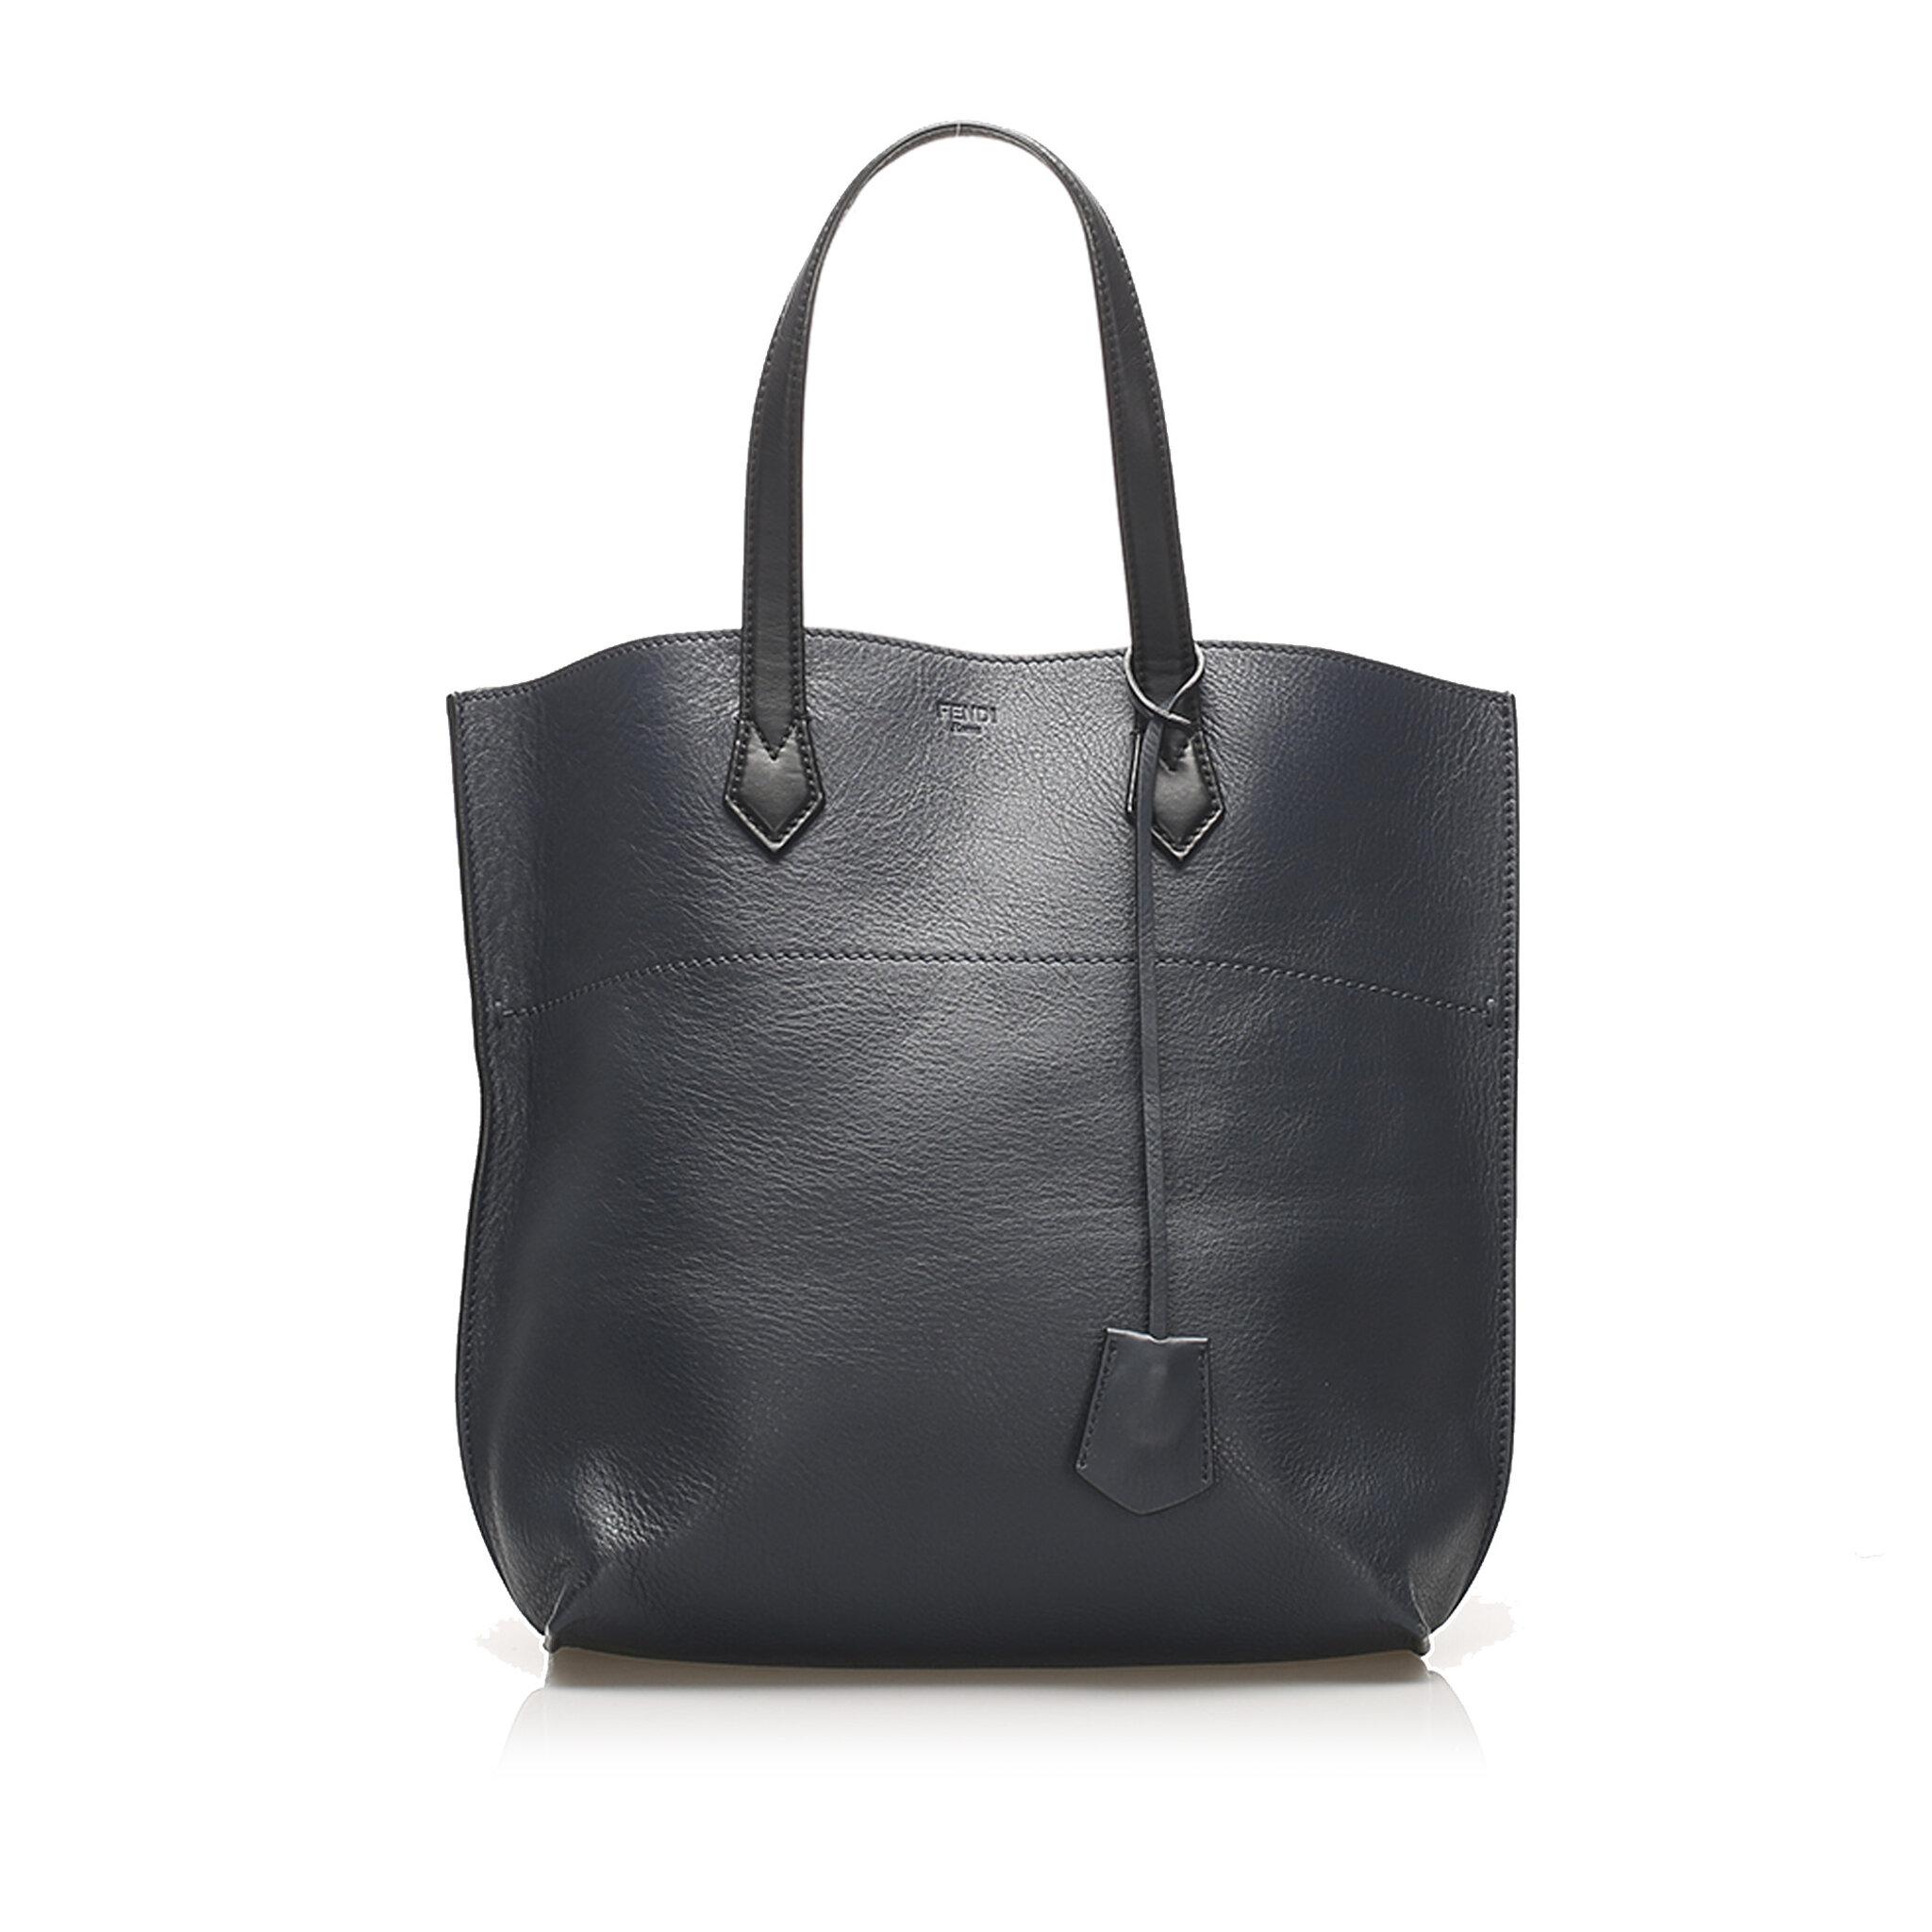 Fendi All Shopper Leather Tote